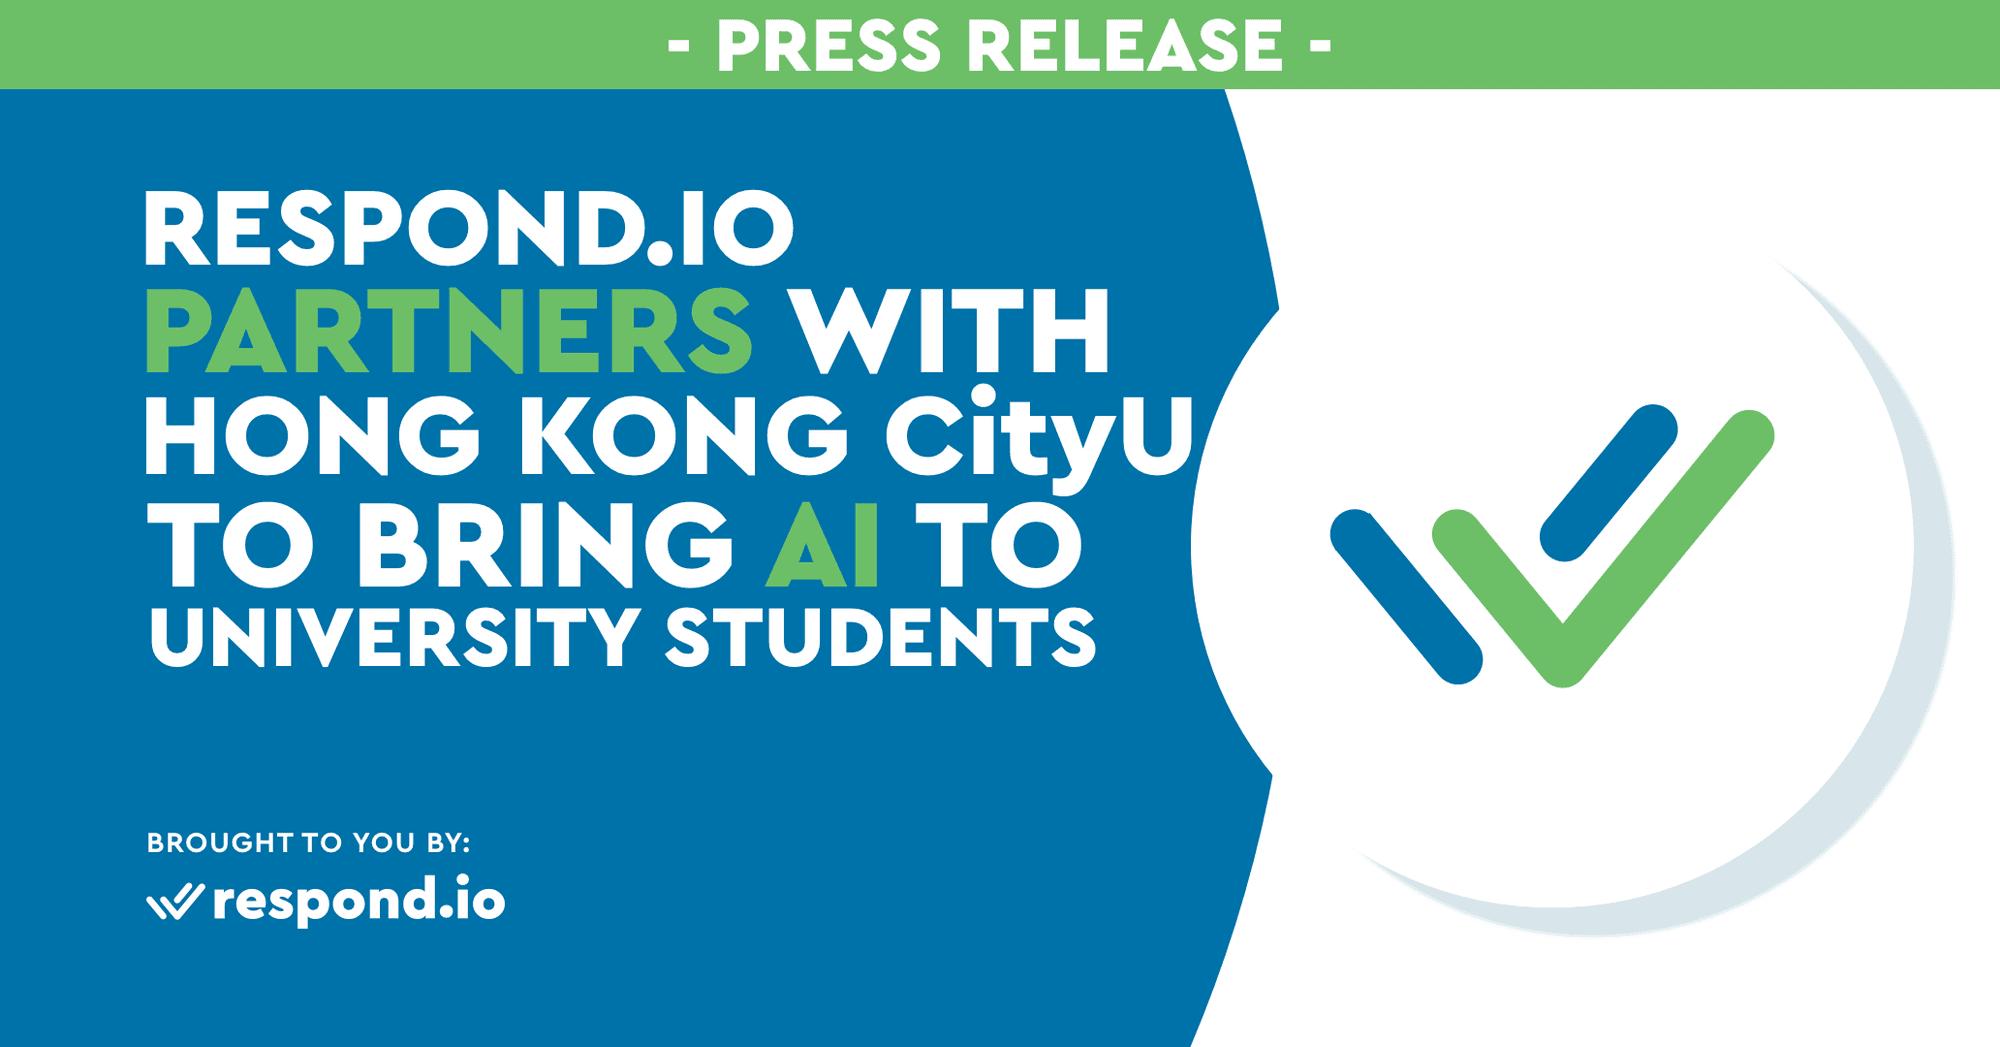 Rocketbots partners with Hong Kong CityU to bring AI to university students